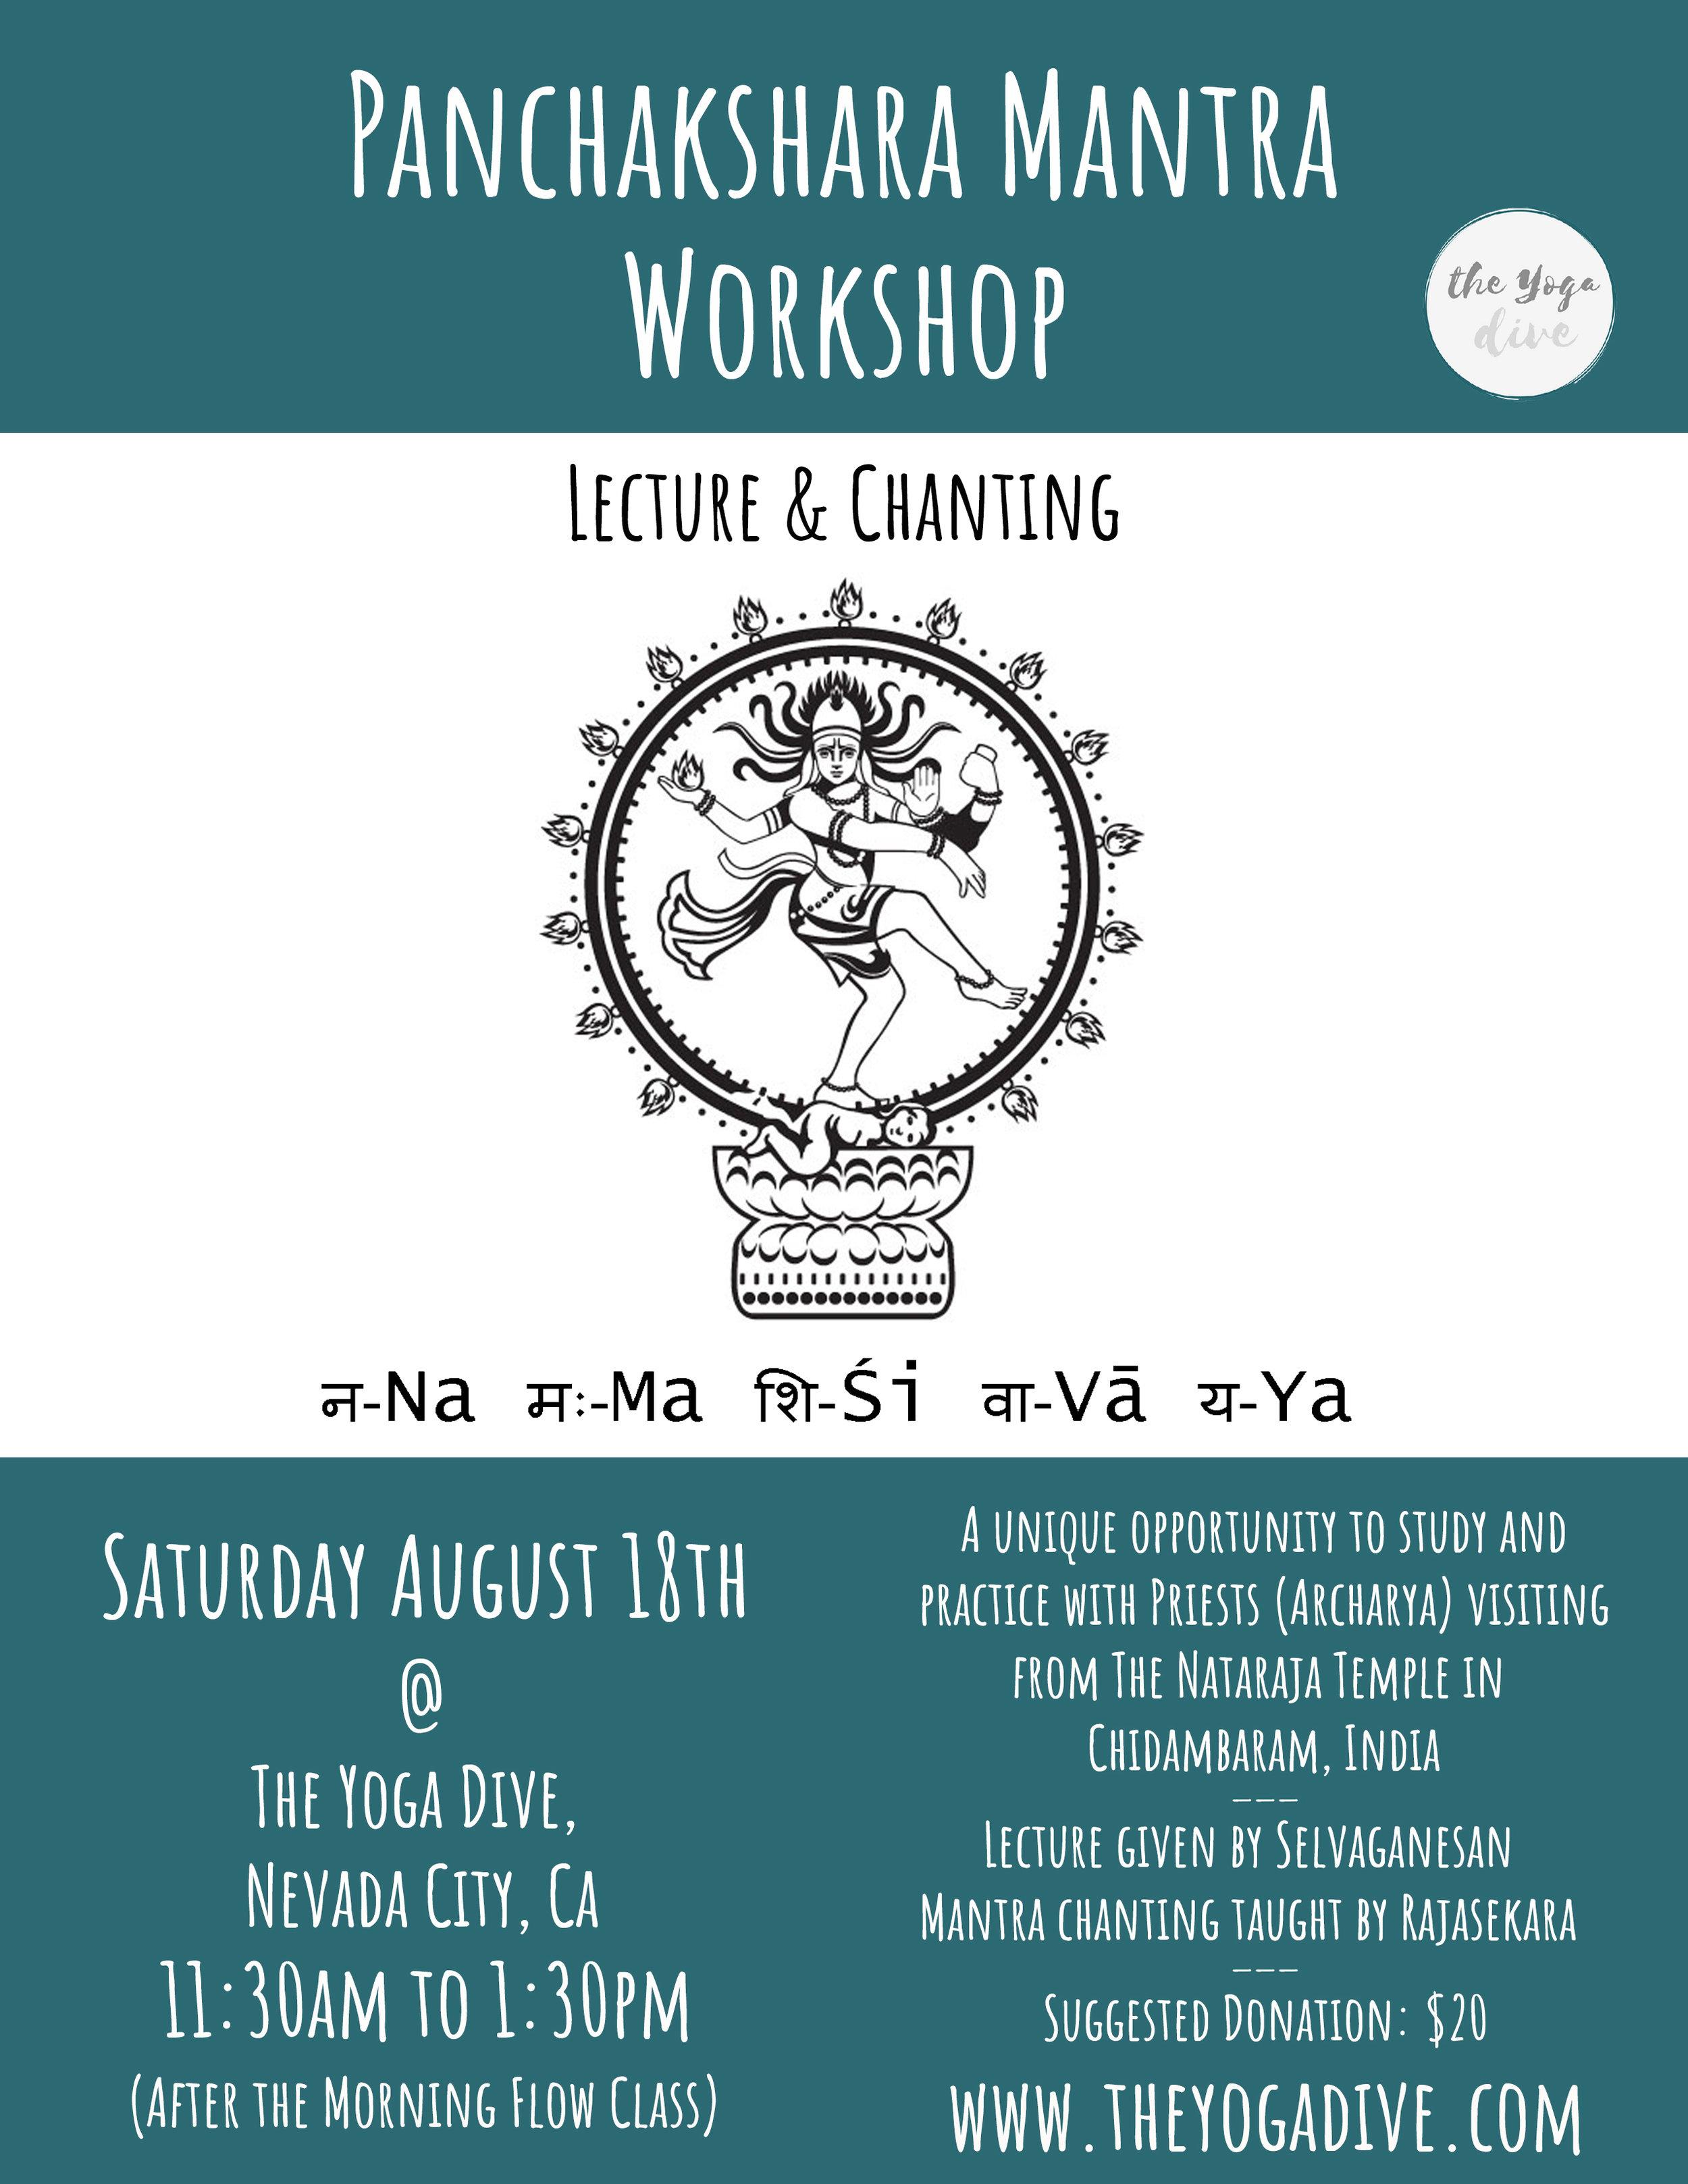 Mantra workshop